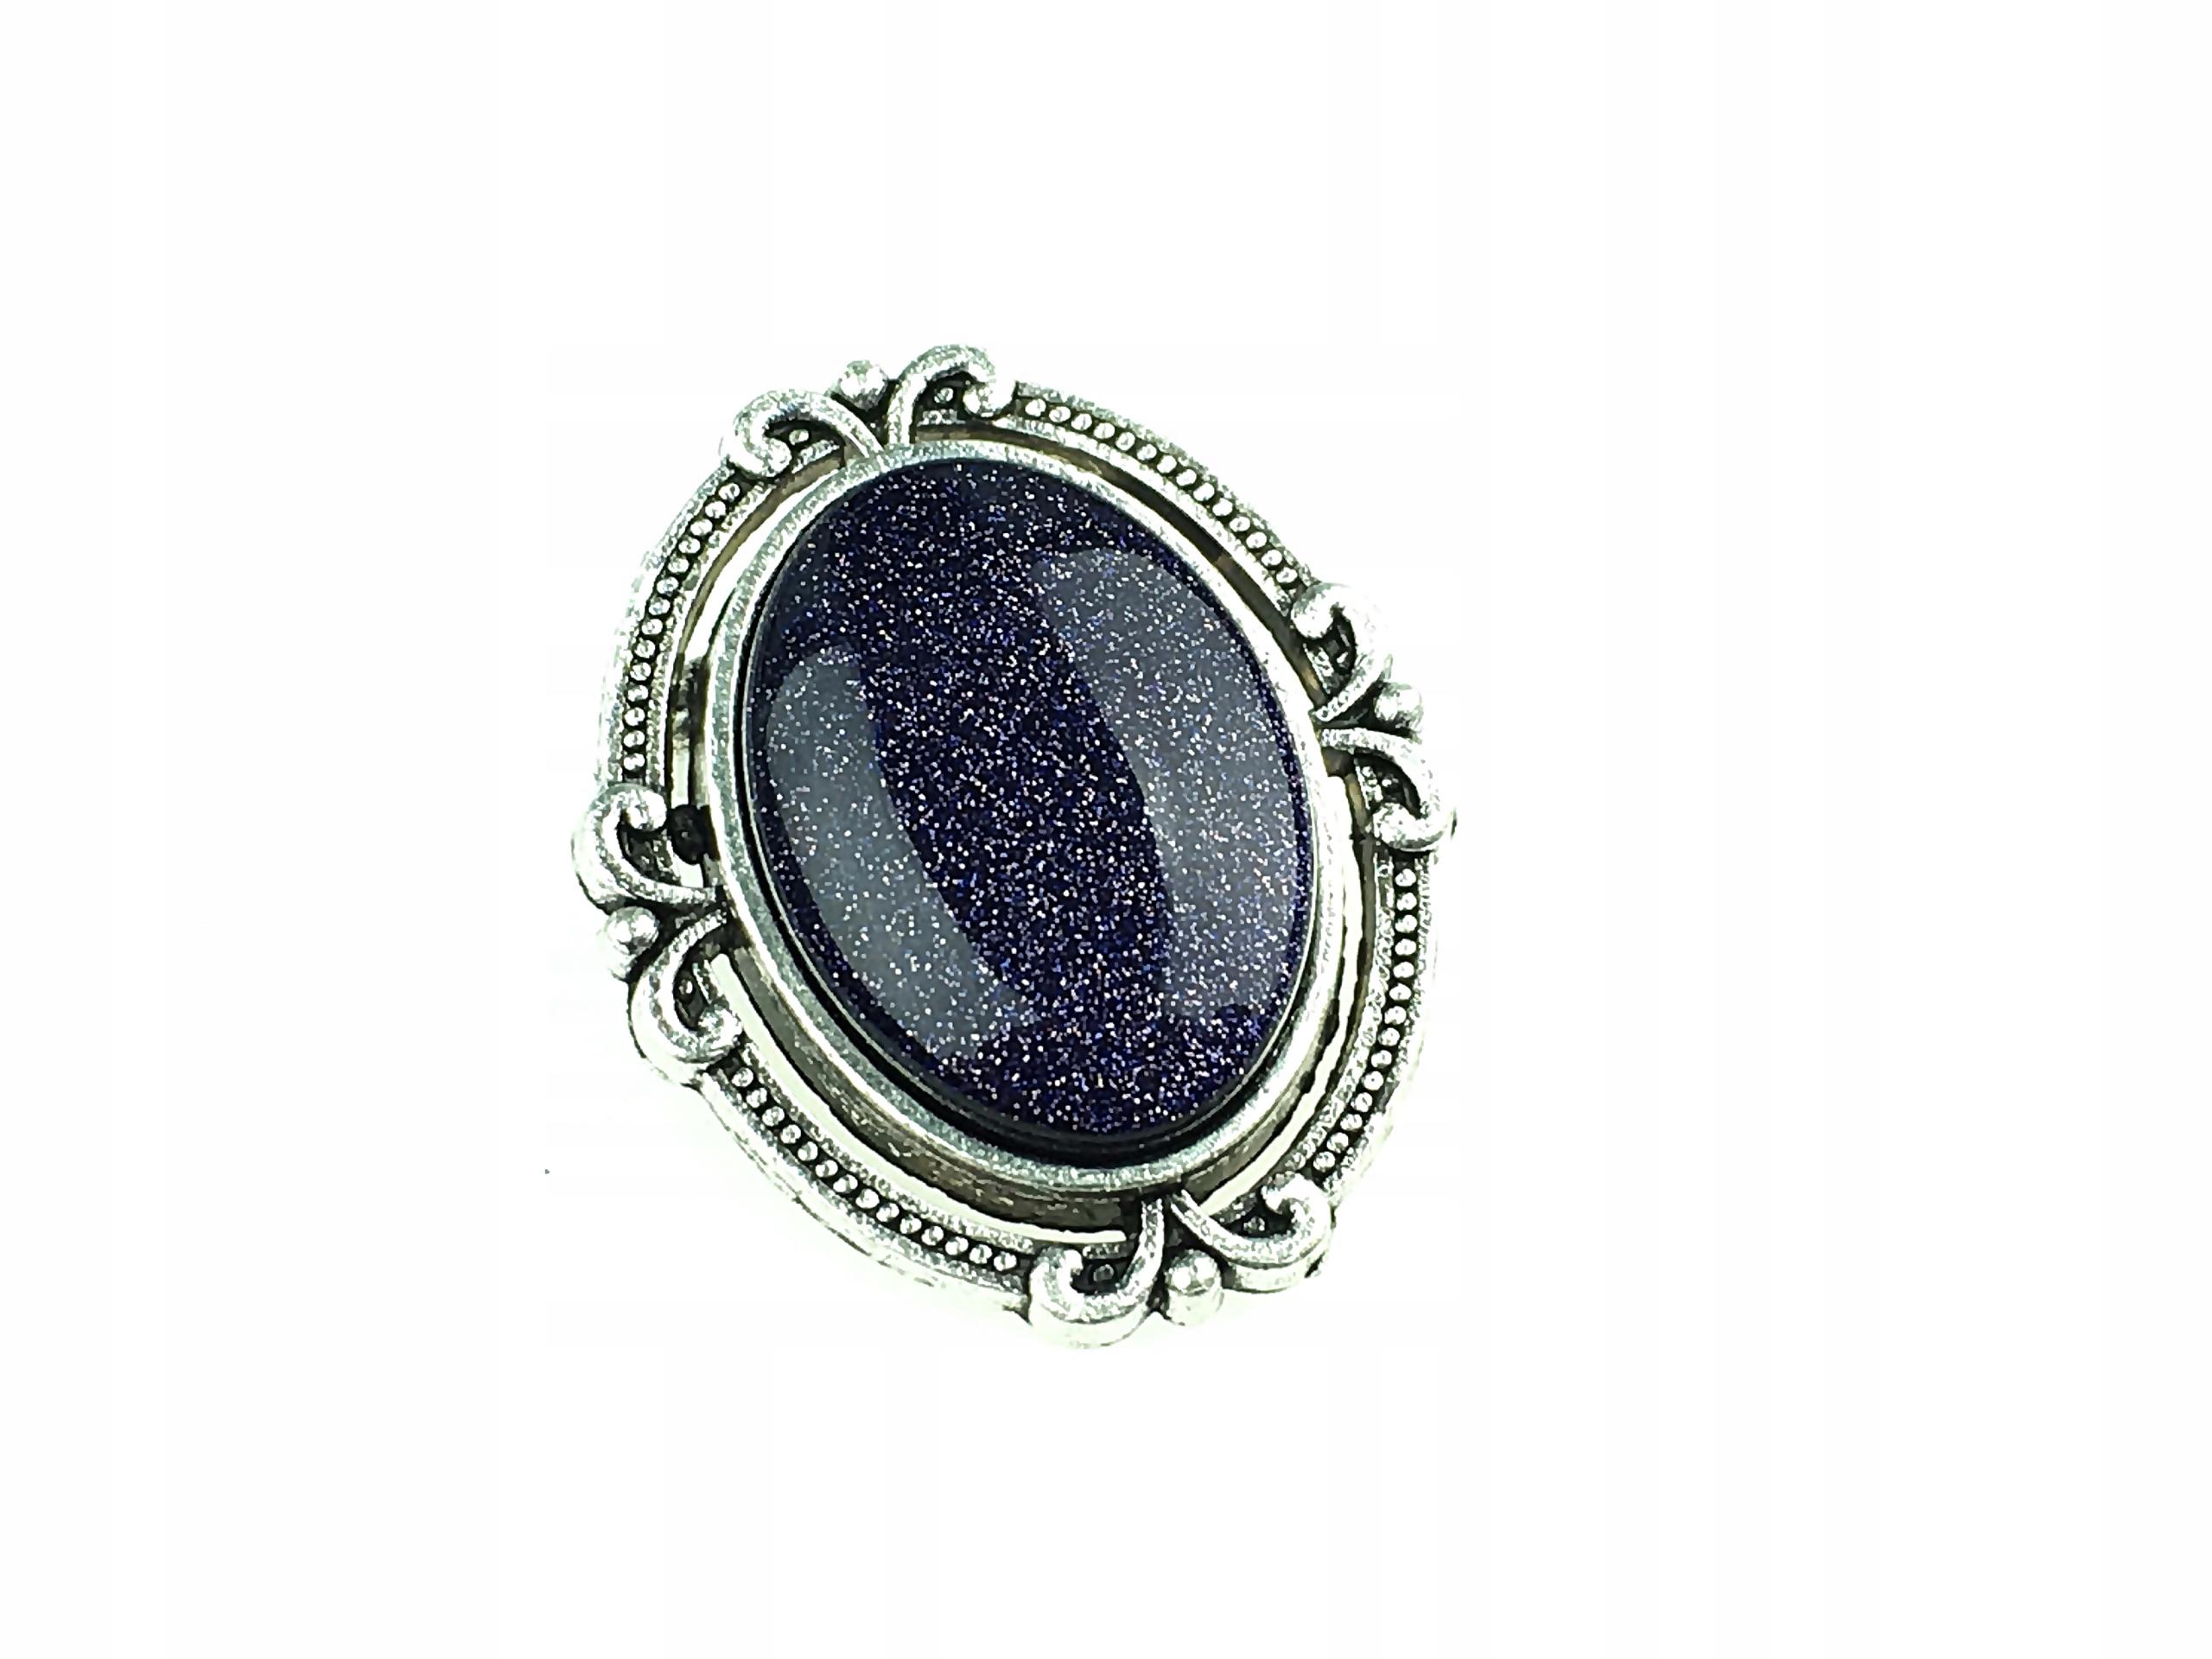 broszka medalion z kamieniem noc kairu produkt Pl